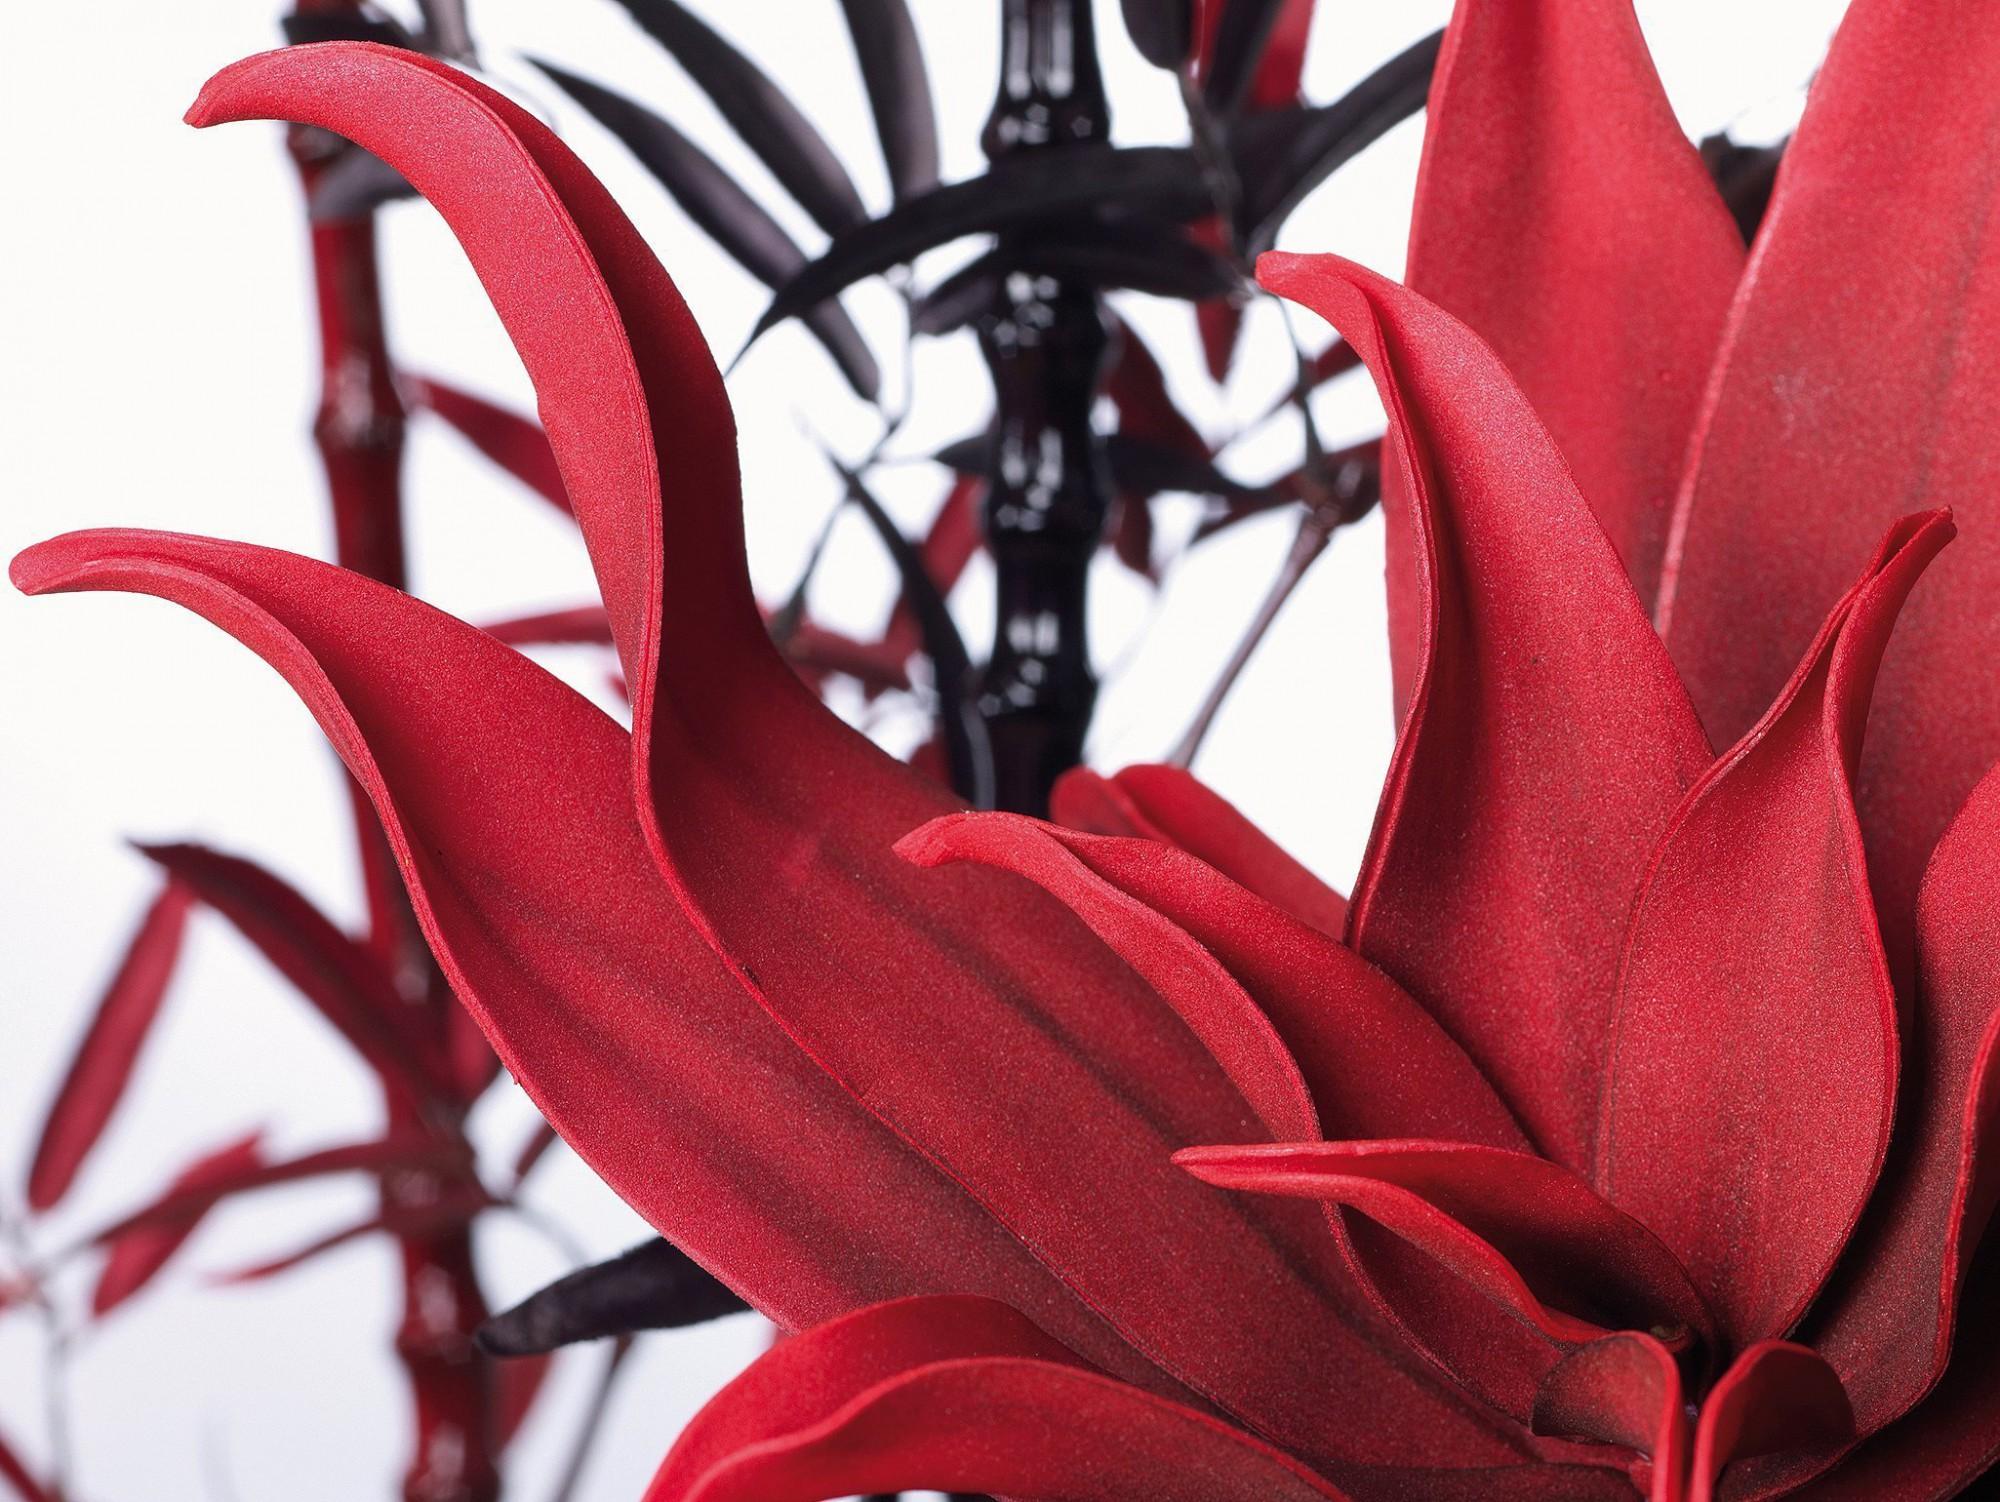 Afbeelding: Studio fotografie, kunststof bloemen voor DV/D'sign.